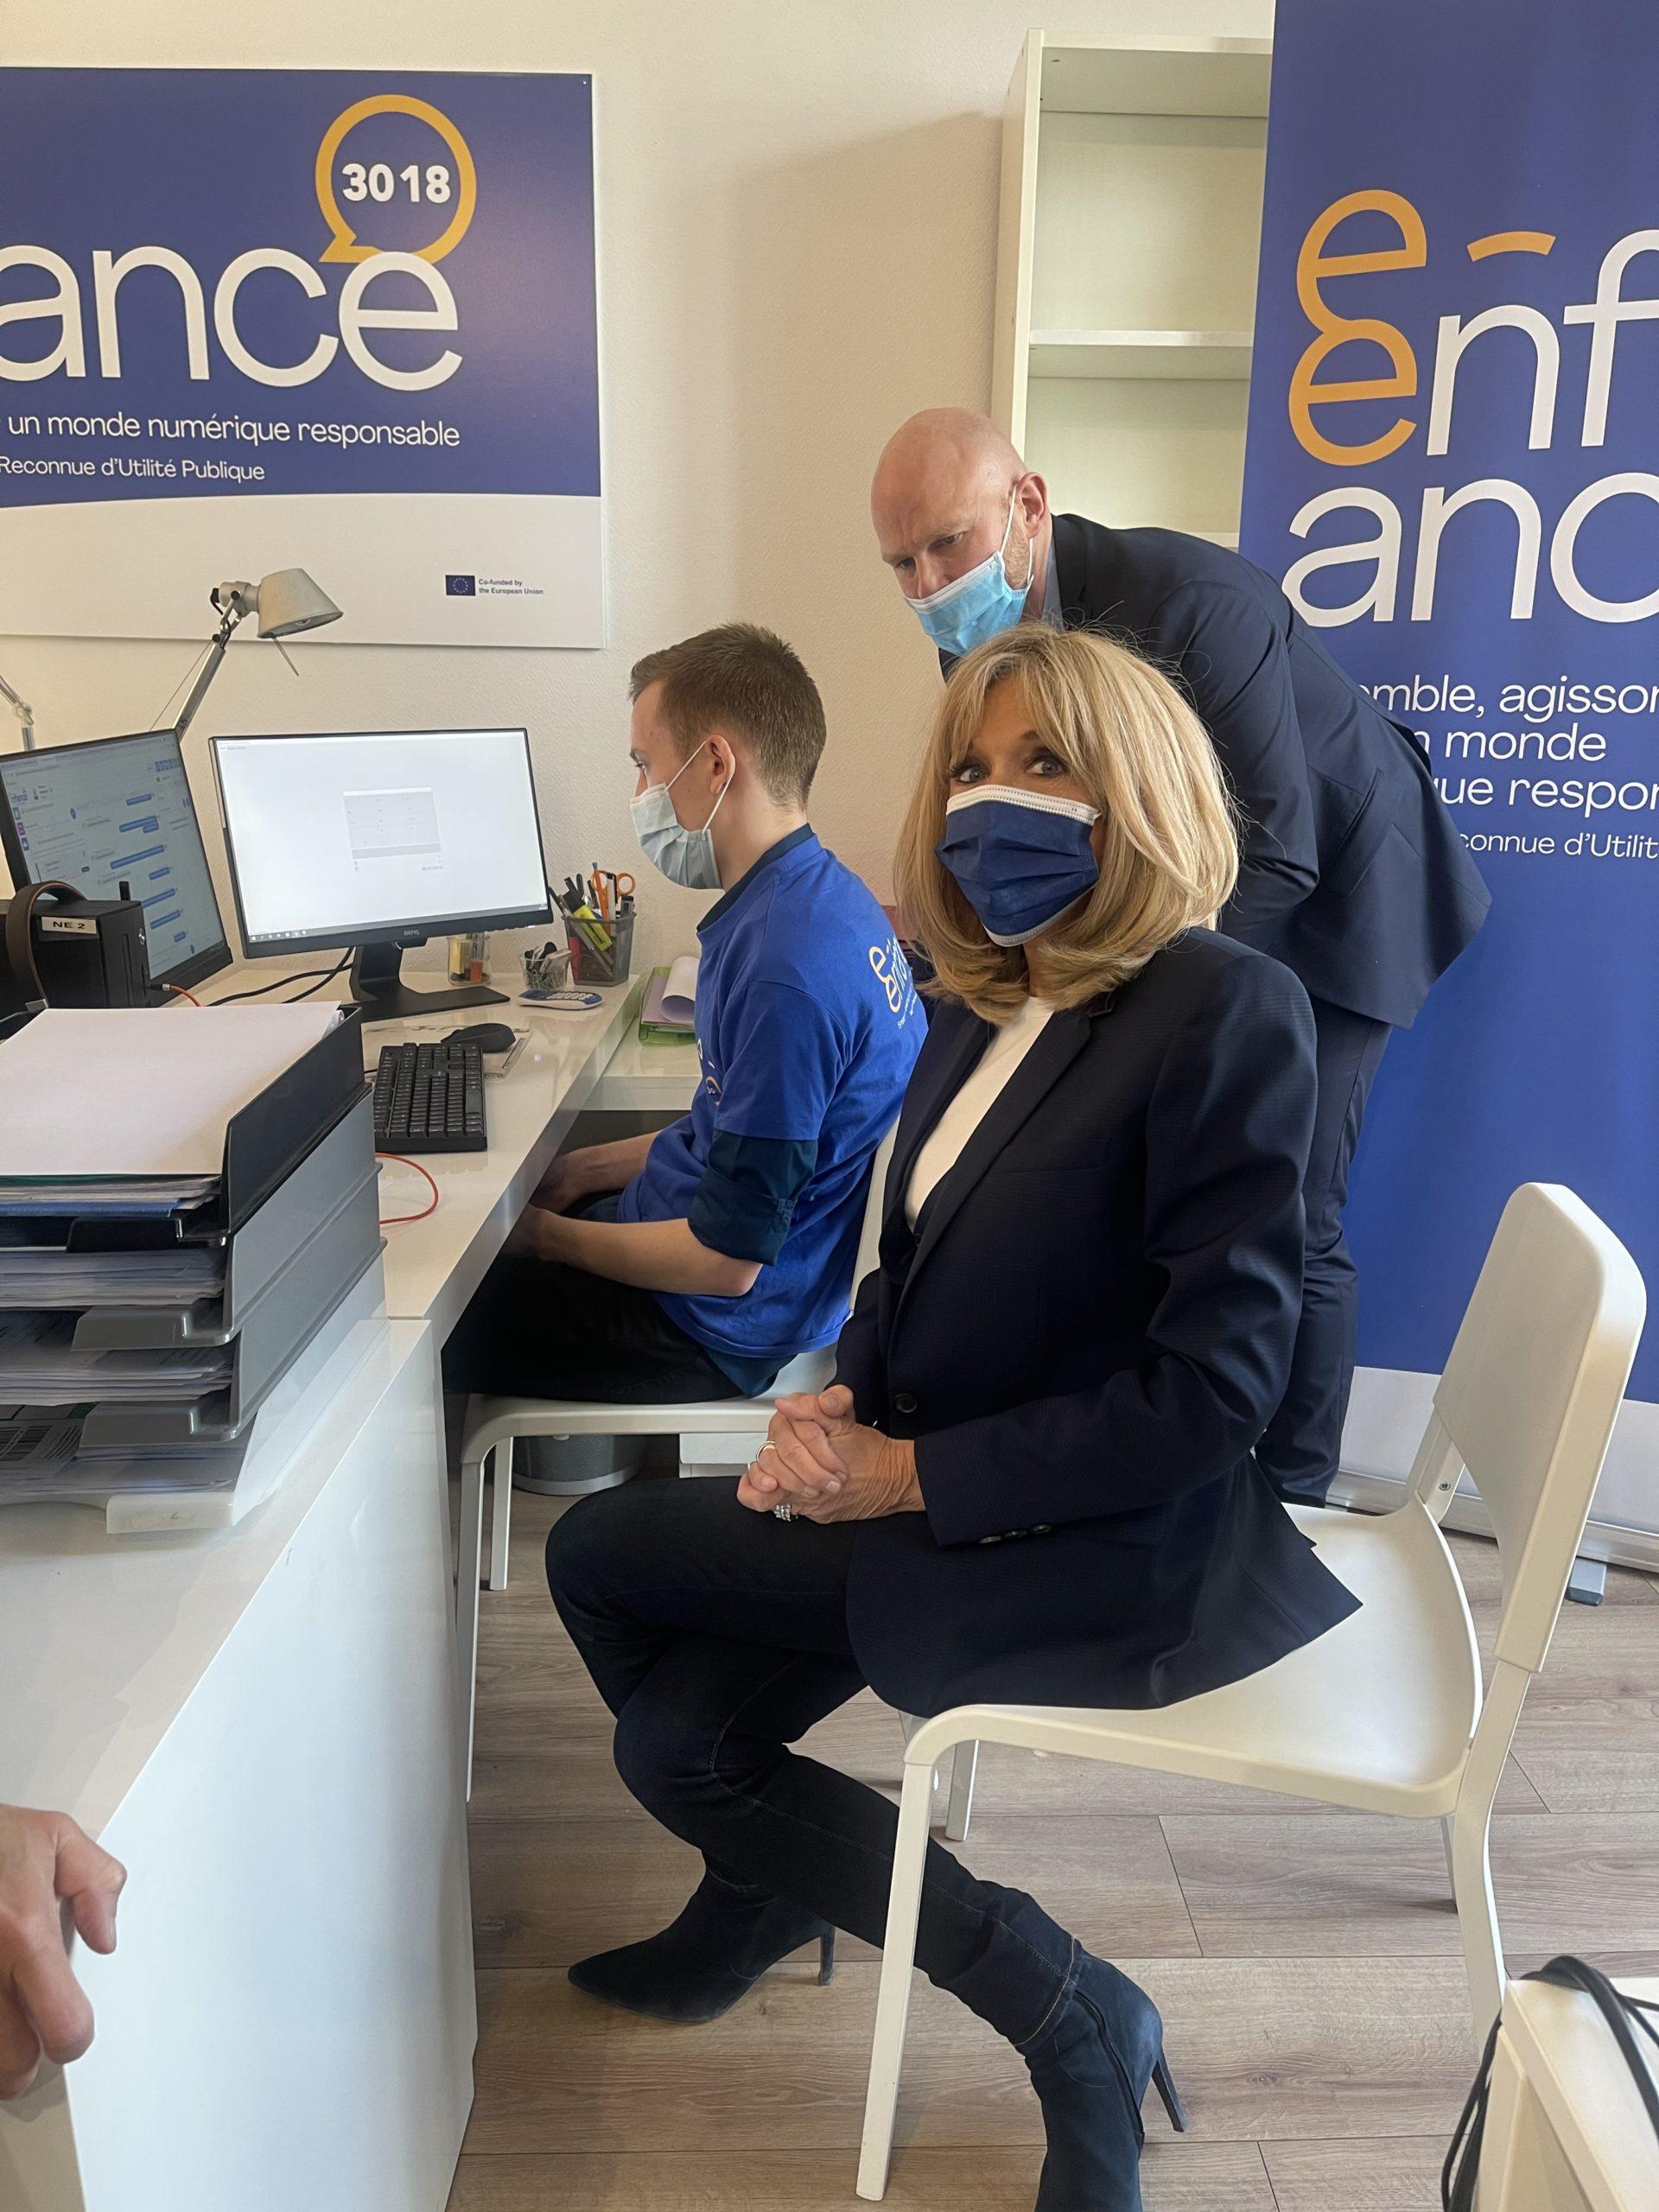 Visite de Brigitte Macron à l'Association e-Enfance